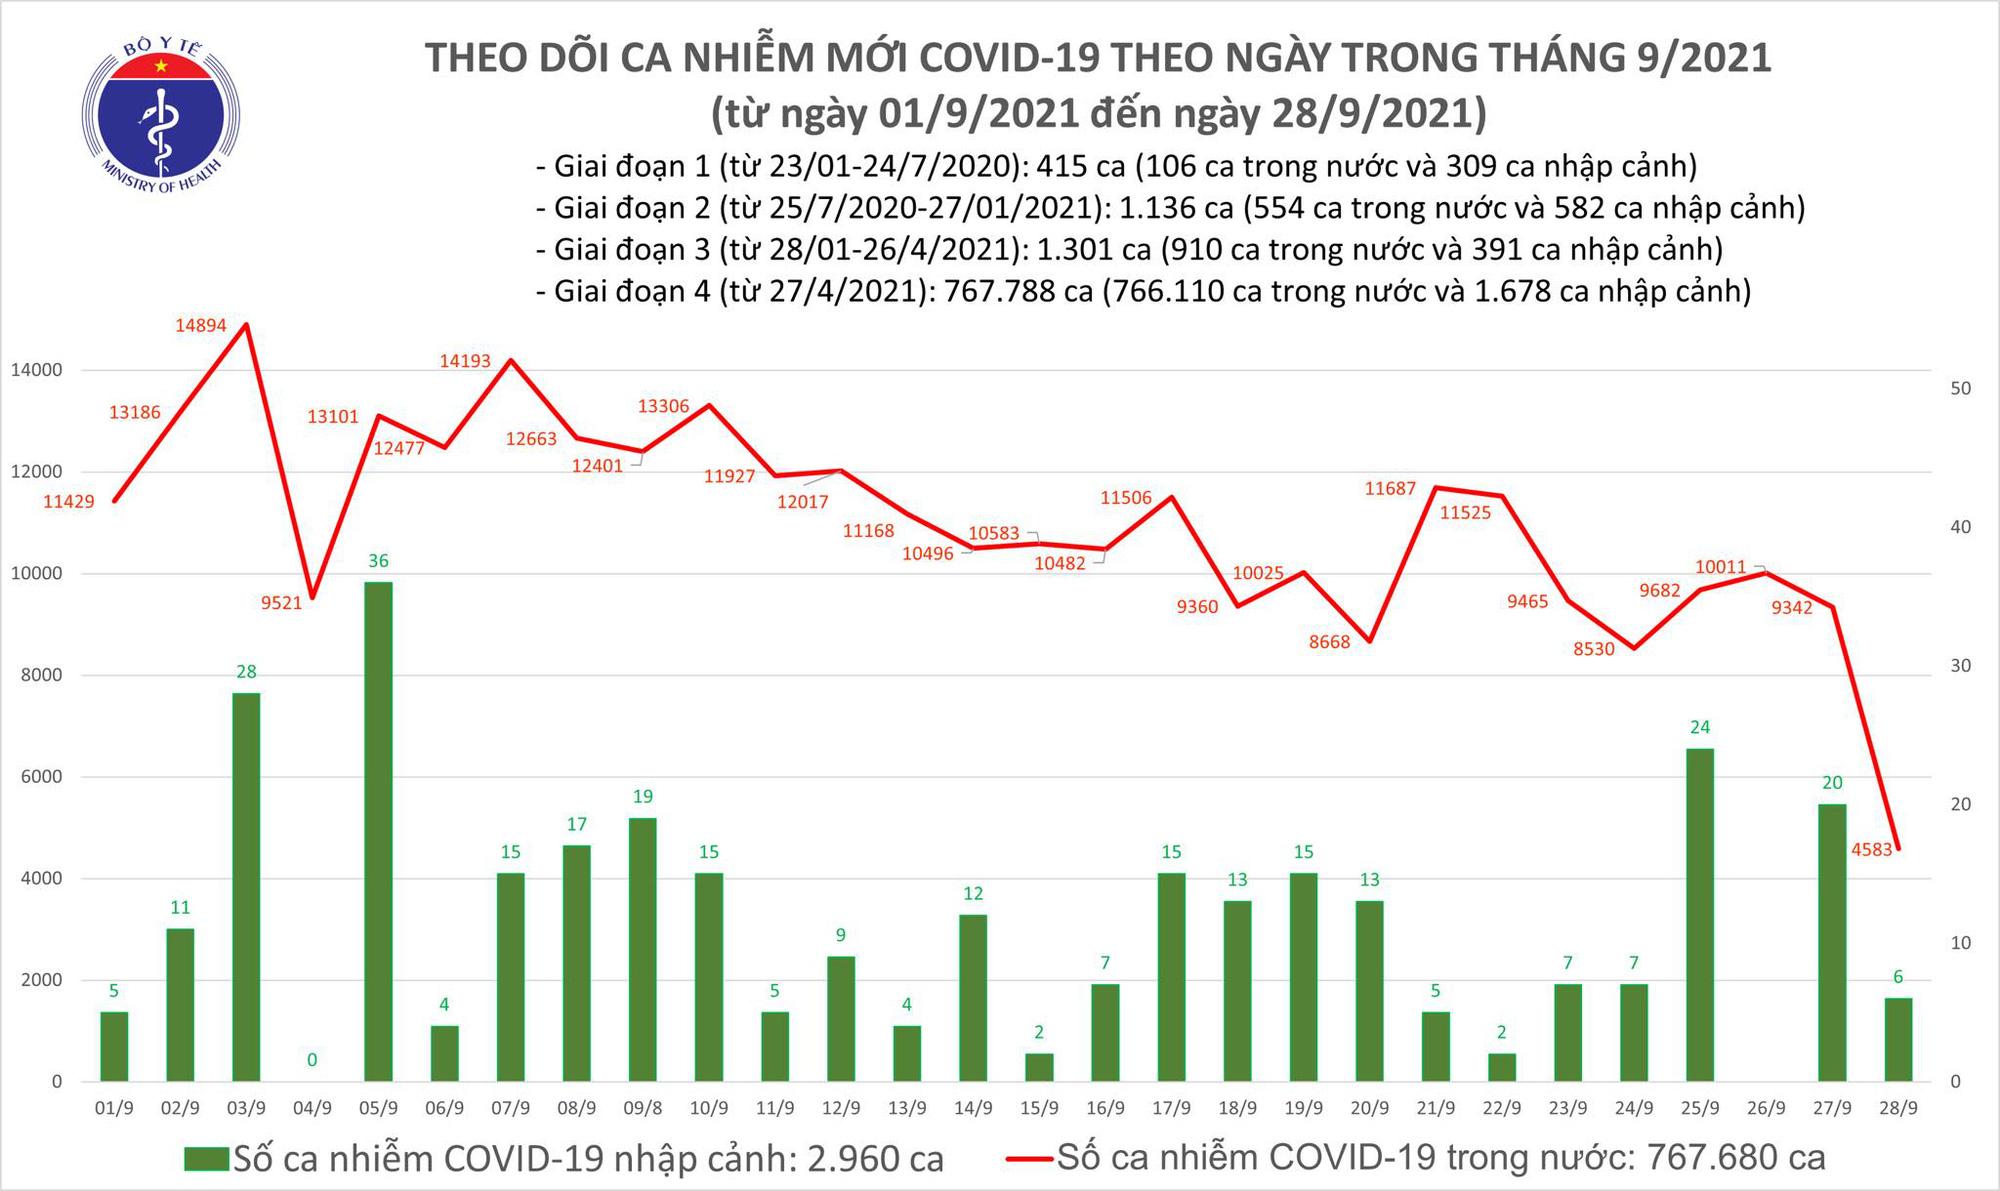 Ngày 28/9: Số mắc mới COVID-19 chỉ 4.589 ca, trong khi số khỏi nhiều gấp gần 5 lần - Ảnh 2.